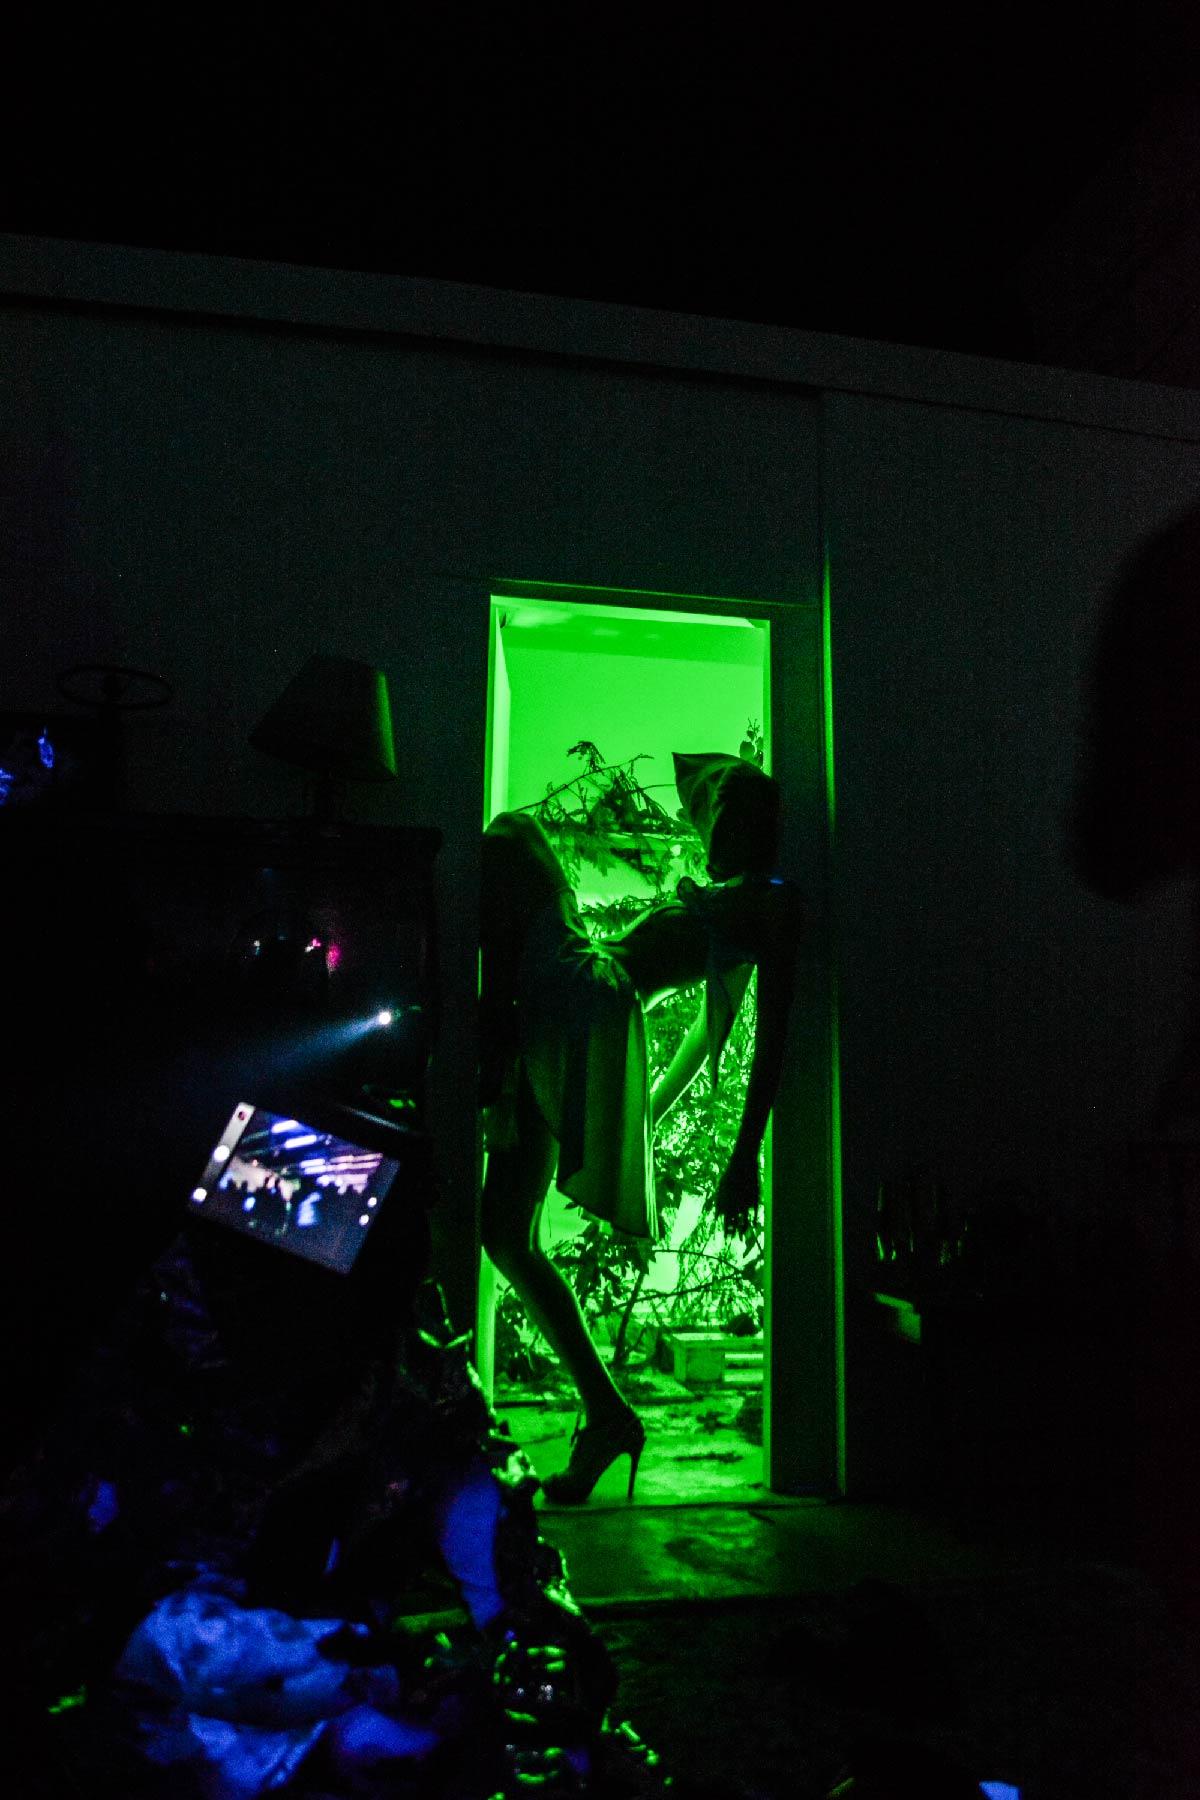 puerta_verde